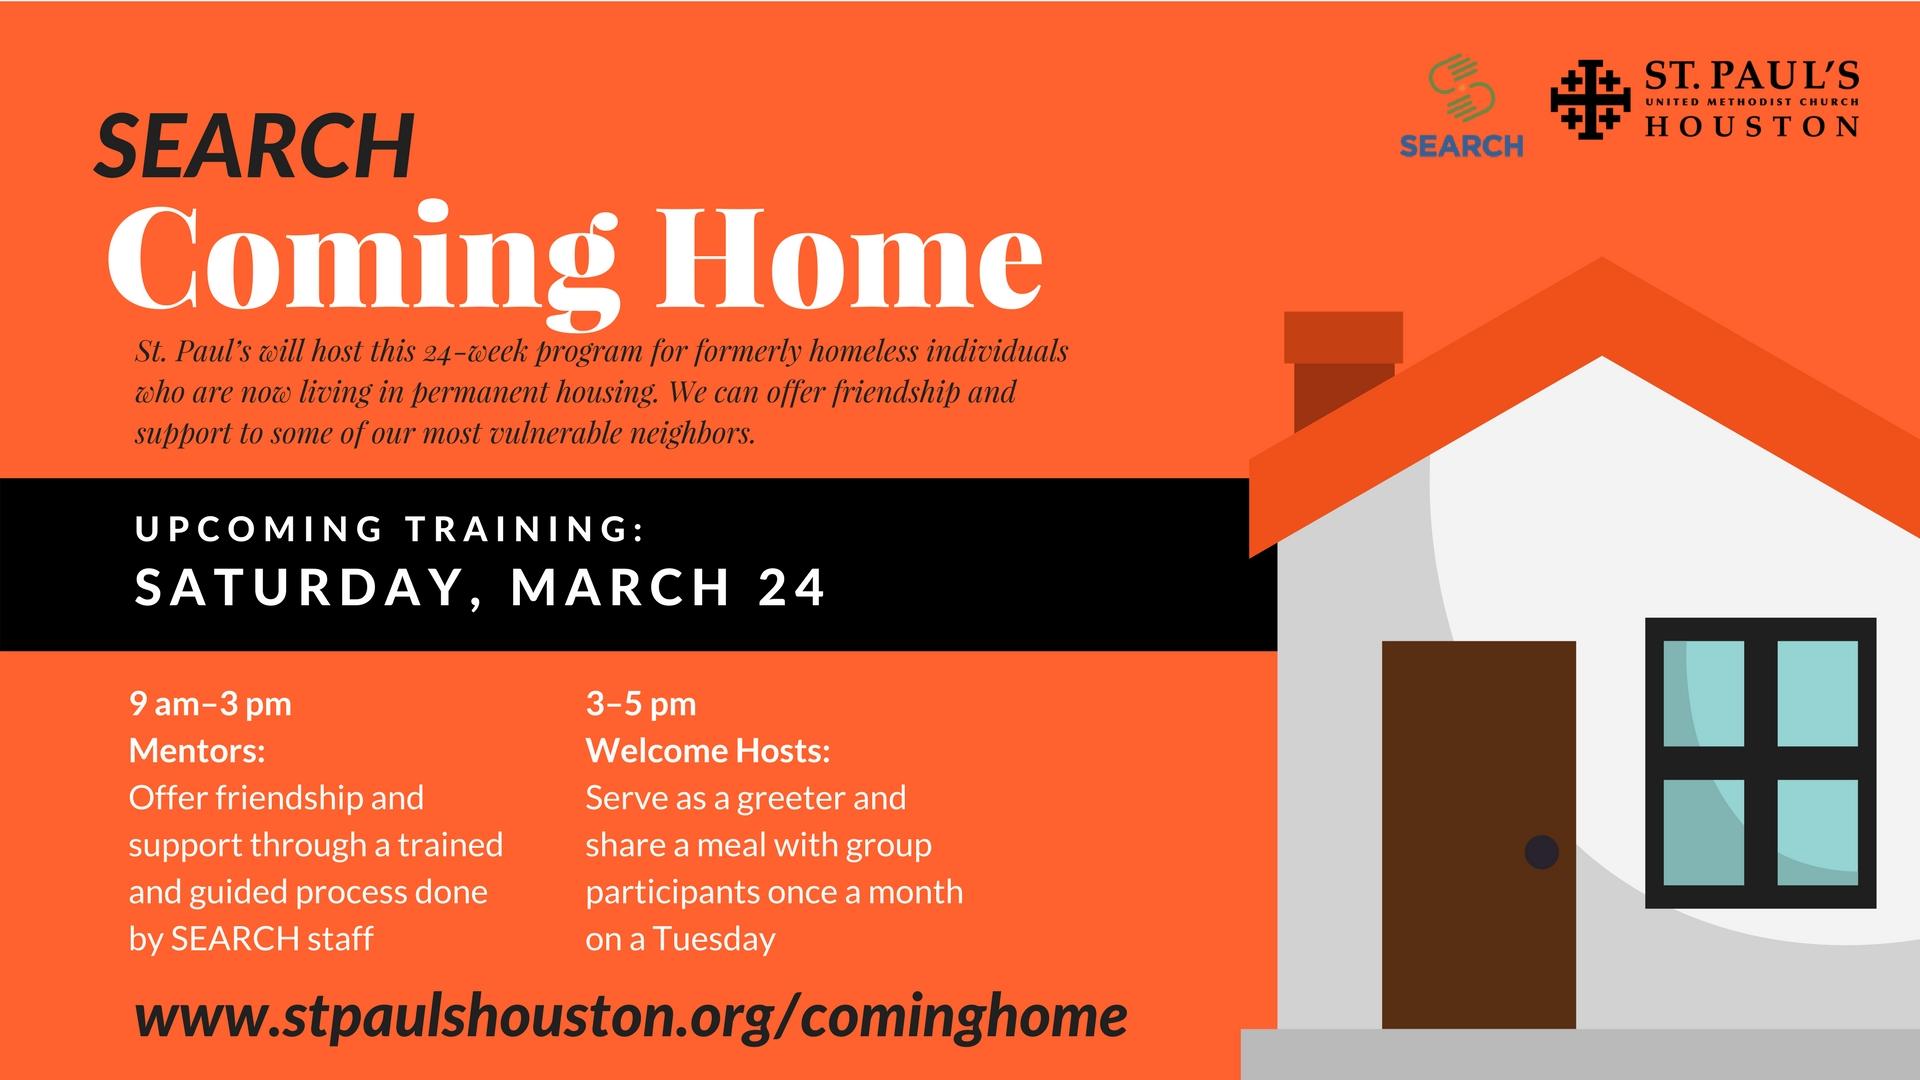 To Volunteer Visit :   www.stpaulshouston.org/cominghome